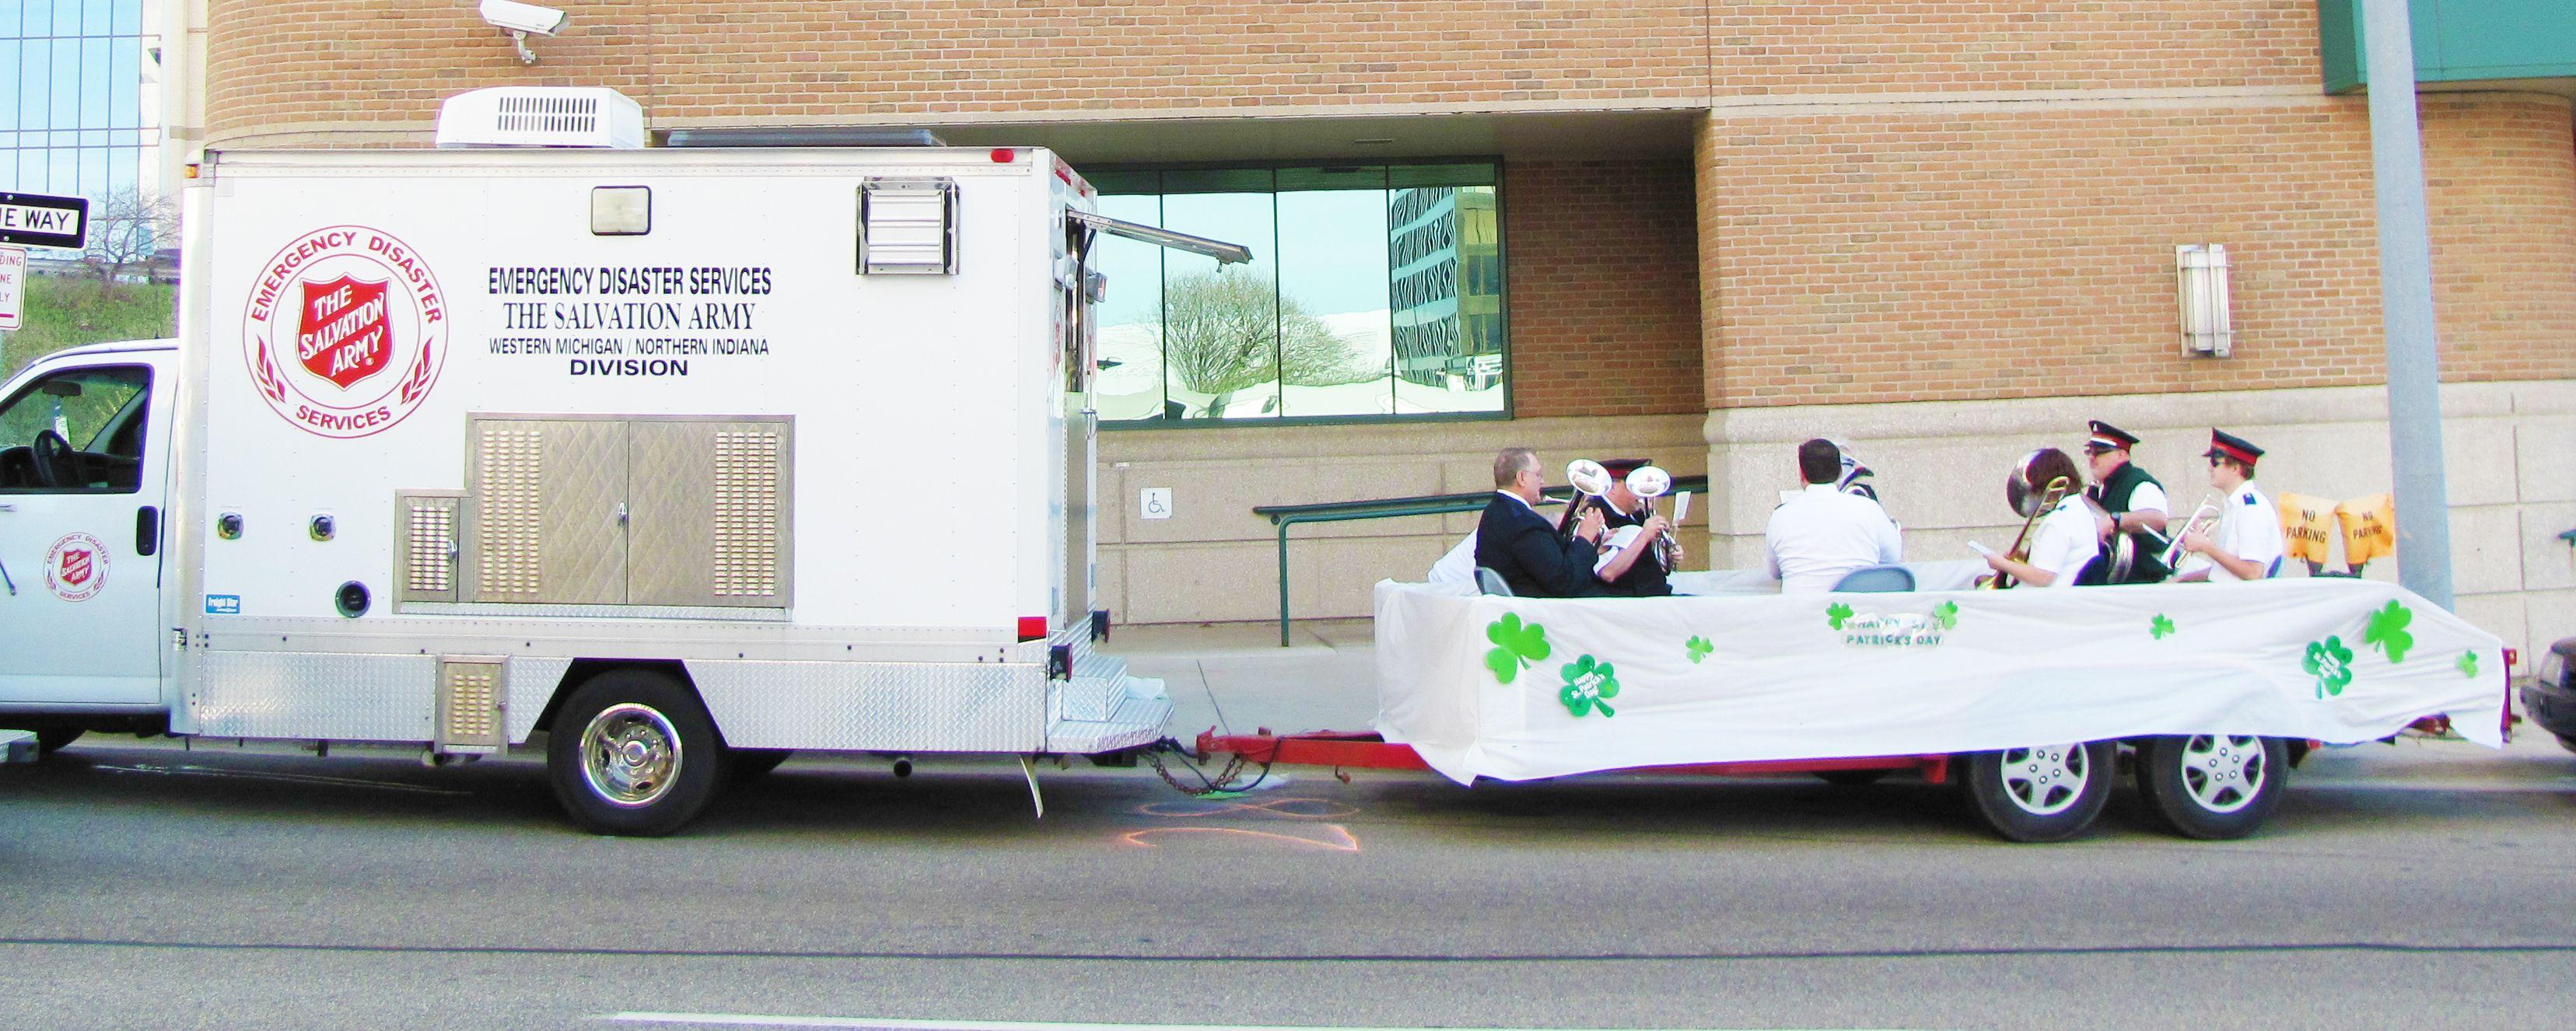 Fahrzeuganhänger der Heilsarmee, der für eine Parade beim St. Patrick's Day zu einem Umzugwagen umfunktioniert wurde.